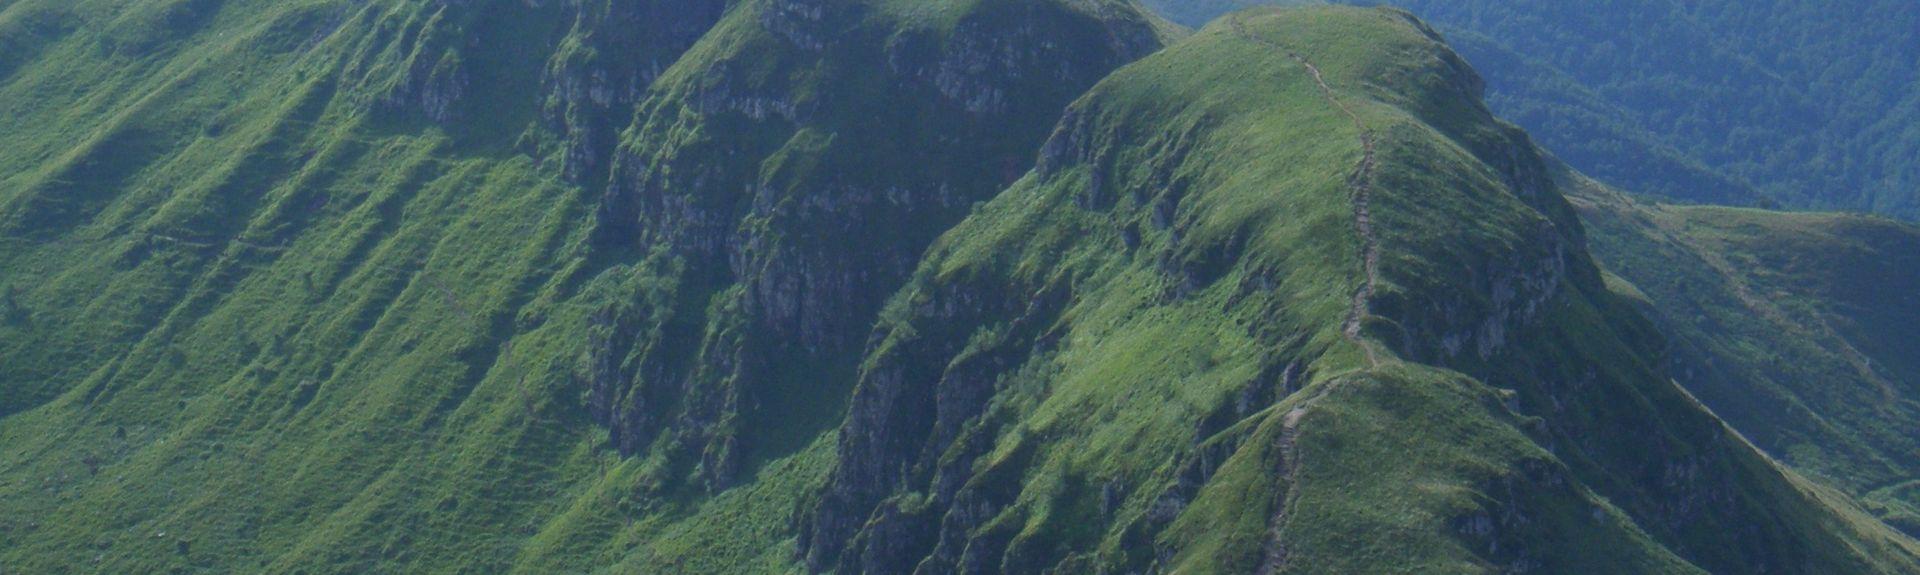 Sainte-Eulalie, Cantal, Auvergne-Rhône-Alpes, Francja